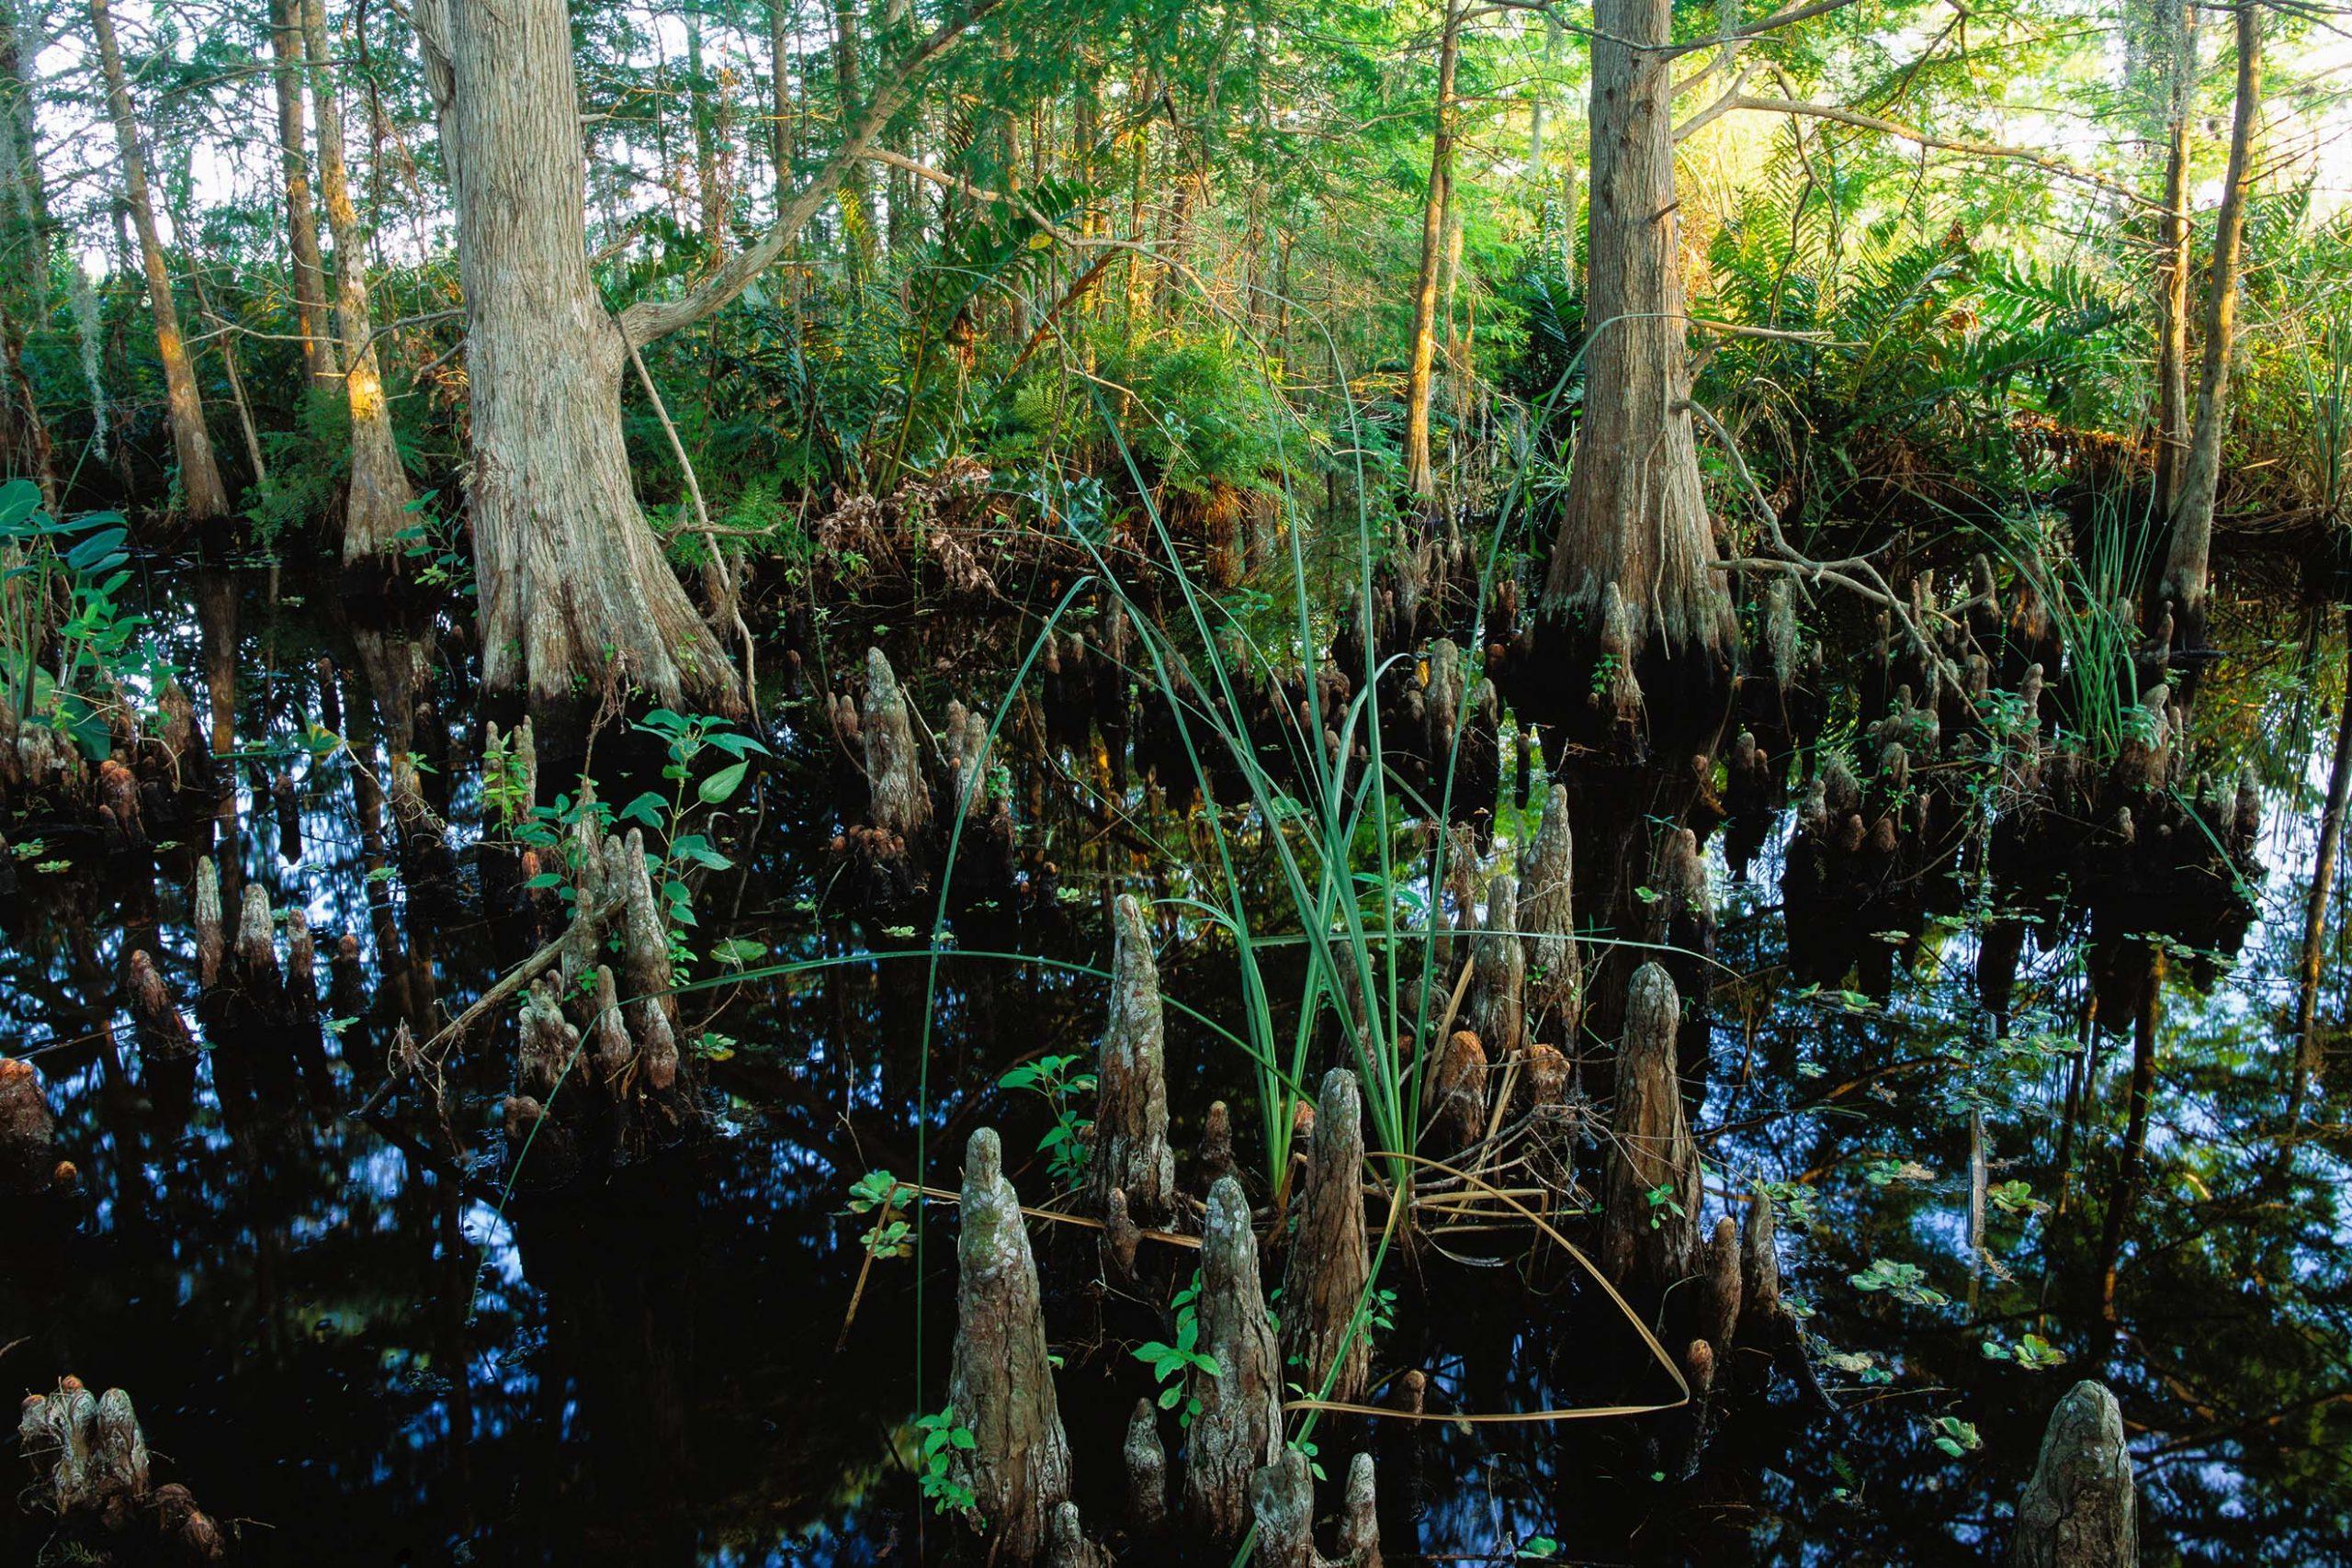 Cypress tree knees standing in water